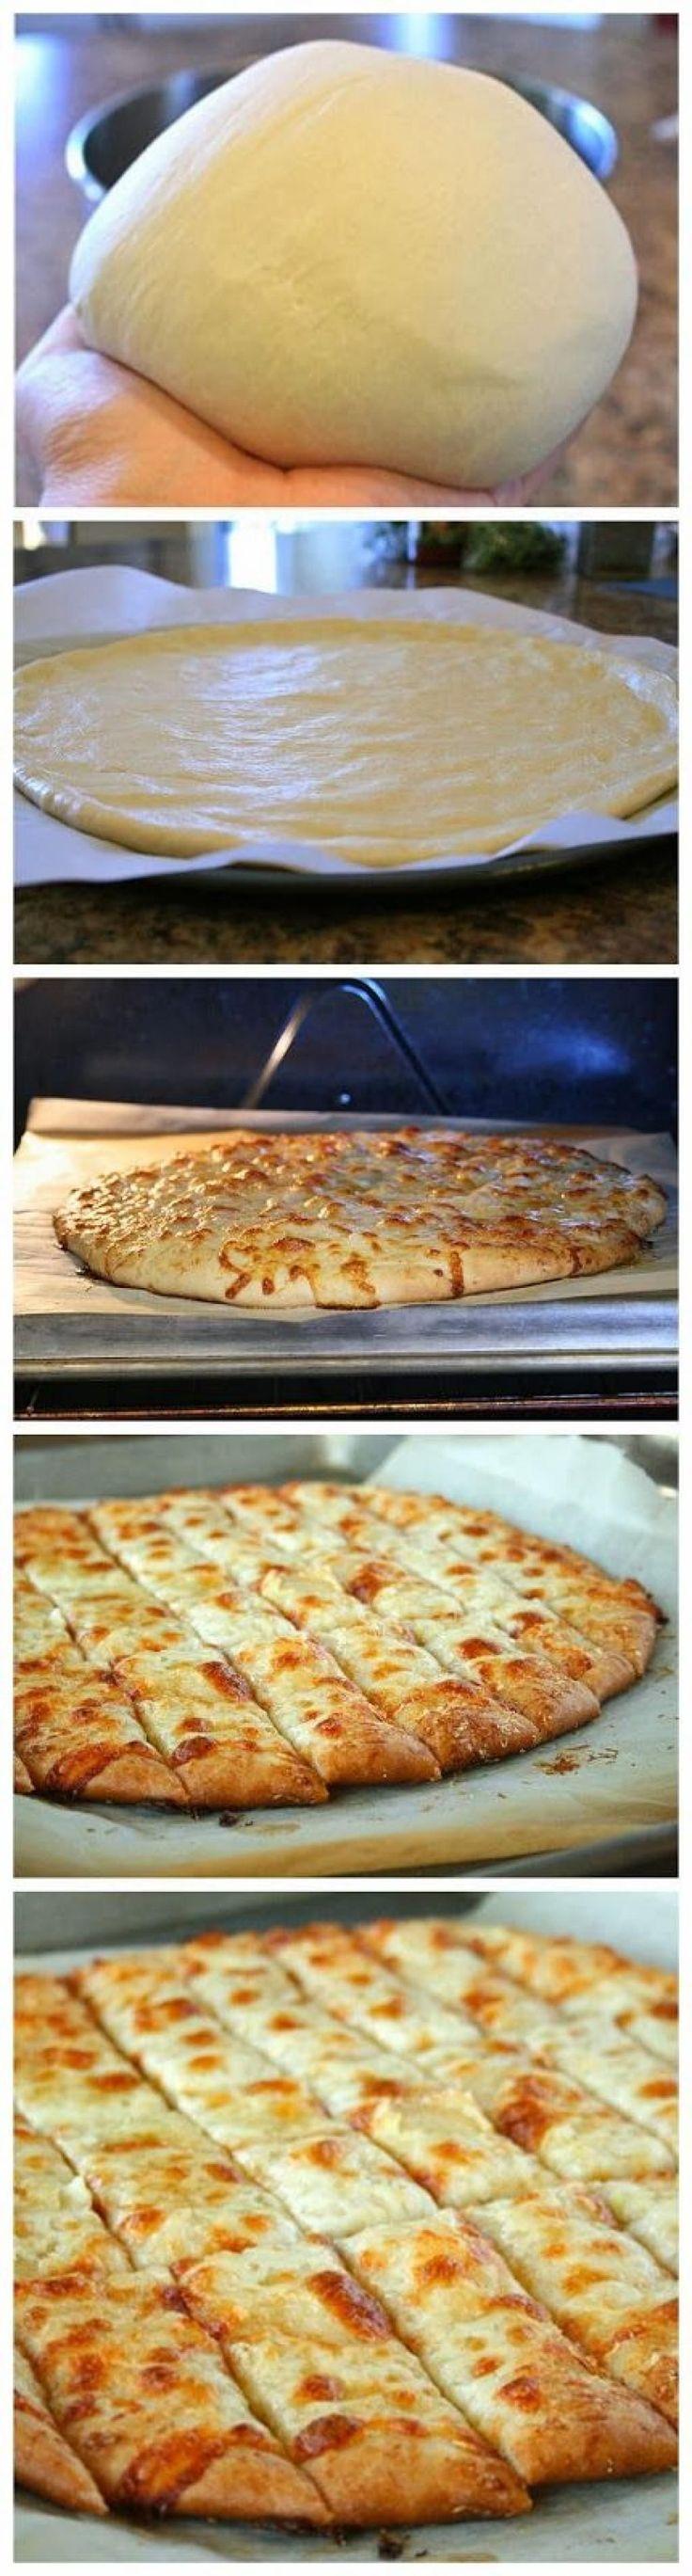 Le beurre et l'ail...un mariage parfait, une union de simplicité. Ils conviennent parfaitement pour accompagner un repas, ou tout simplement comme grignotine à l'apéro. Les Bâtonnets au beurre à l'ail sur pâte à pizza sont délicieux.  Ingrédien